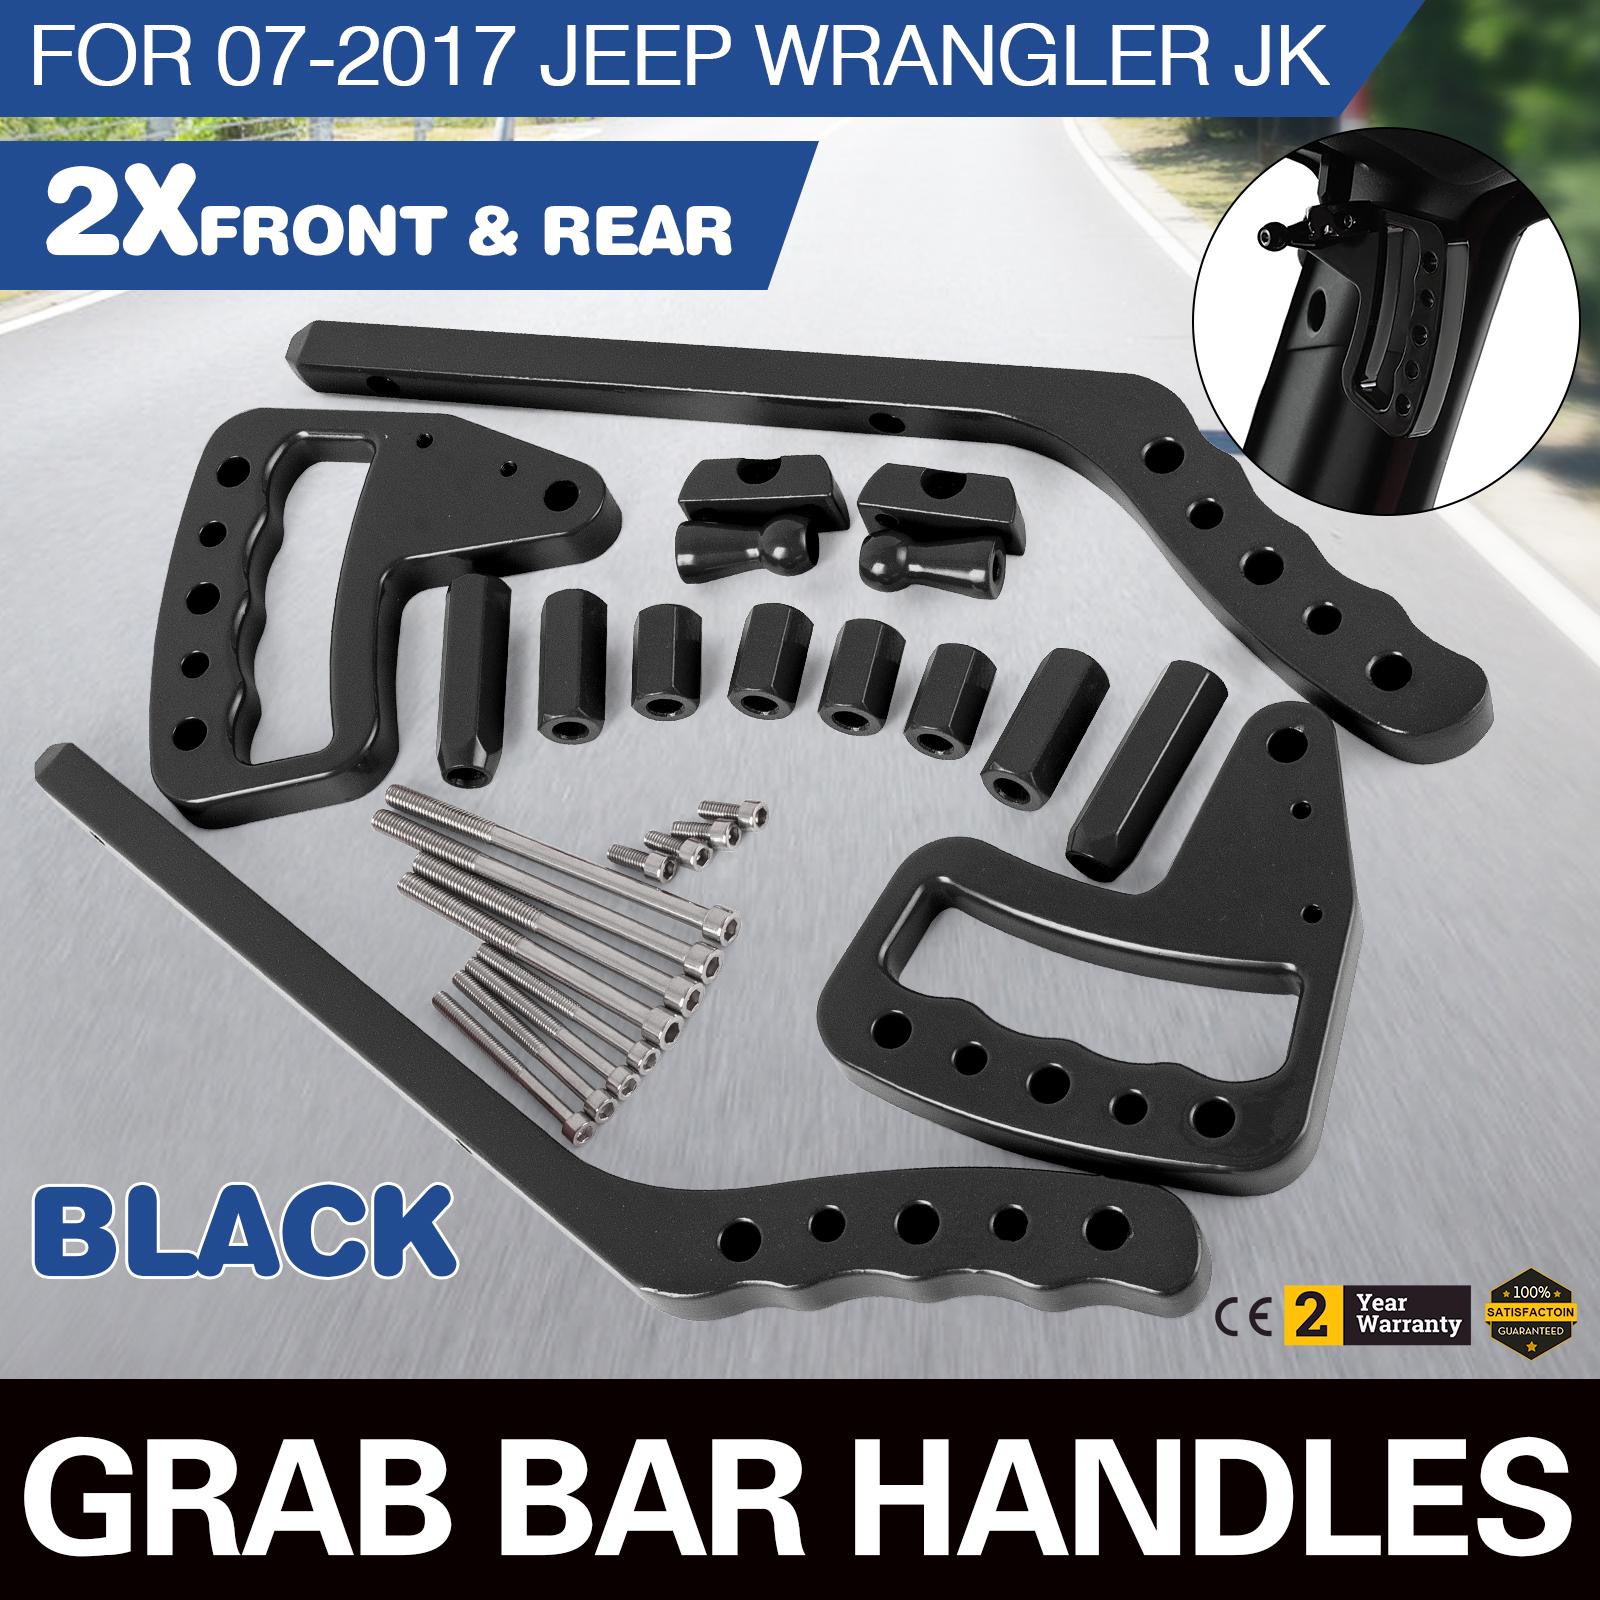 Black Front/&Rear Grab Bar Steel Grab Handle Kit for 2007-2017 Jeep Wrangler JK